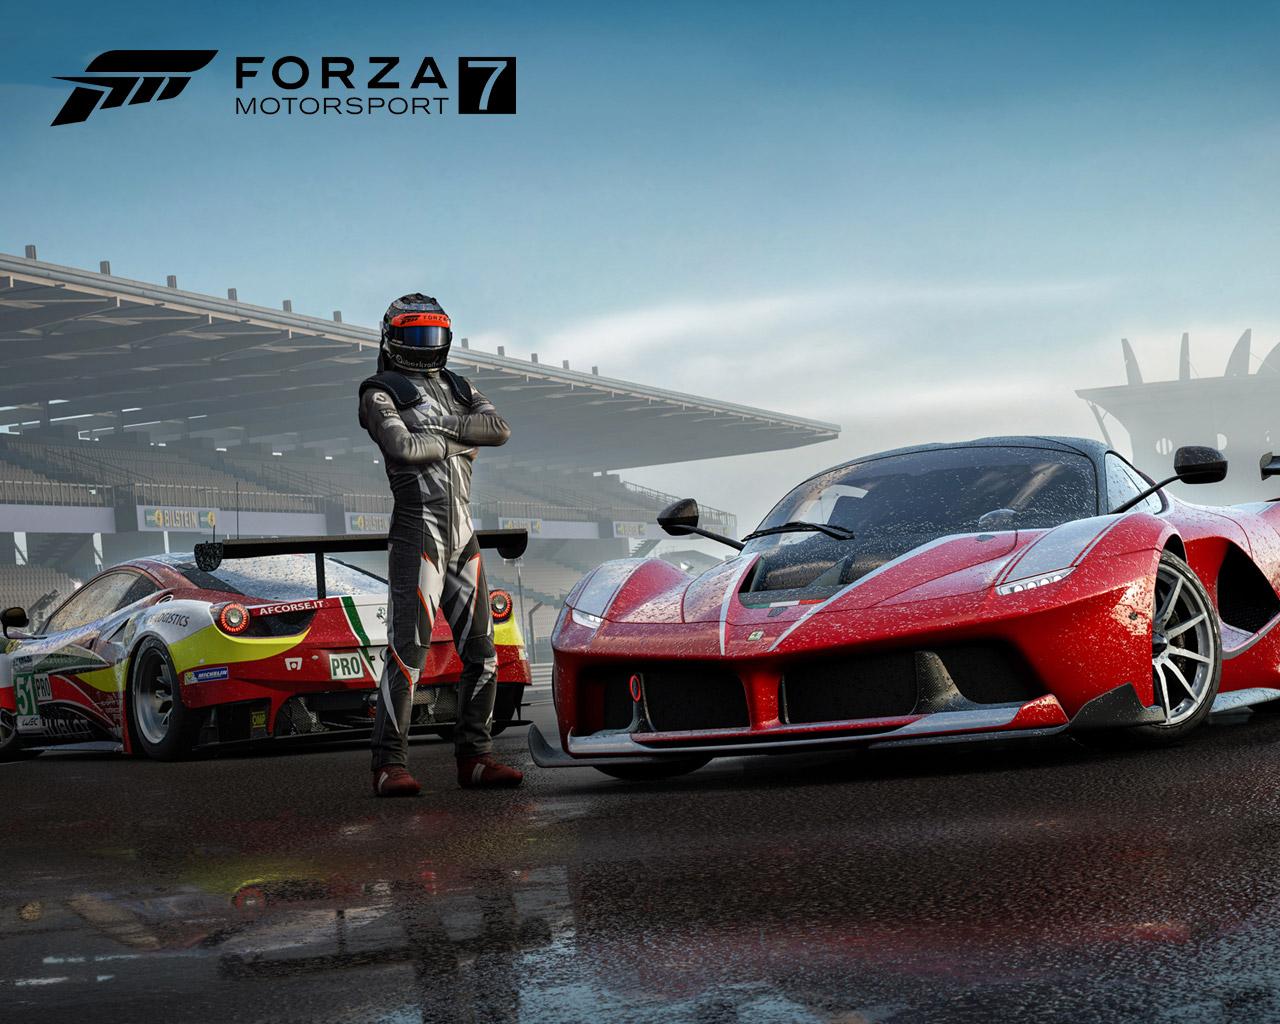 Free Forza Motorsport 7 Wallpaper in 1280x1024